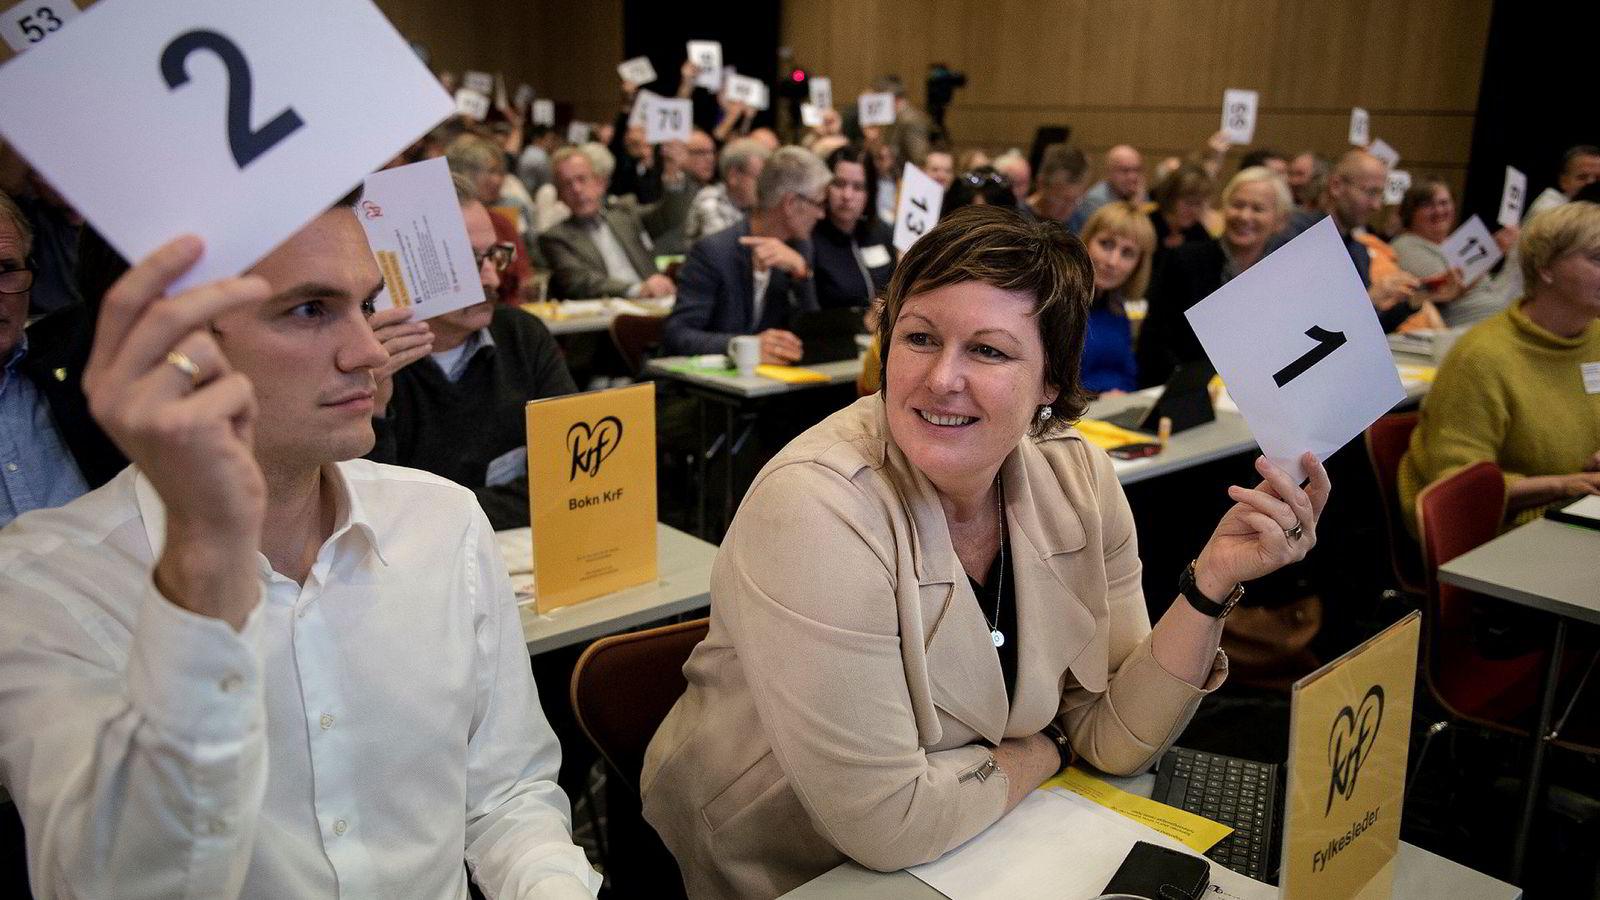 Fylkesleder i Rogaland KrF, Oddny Helen Turøy, sier hun ikke kan pålegge delegatene å stemme annerledes enn det de ble valgt på.